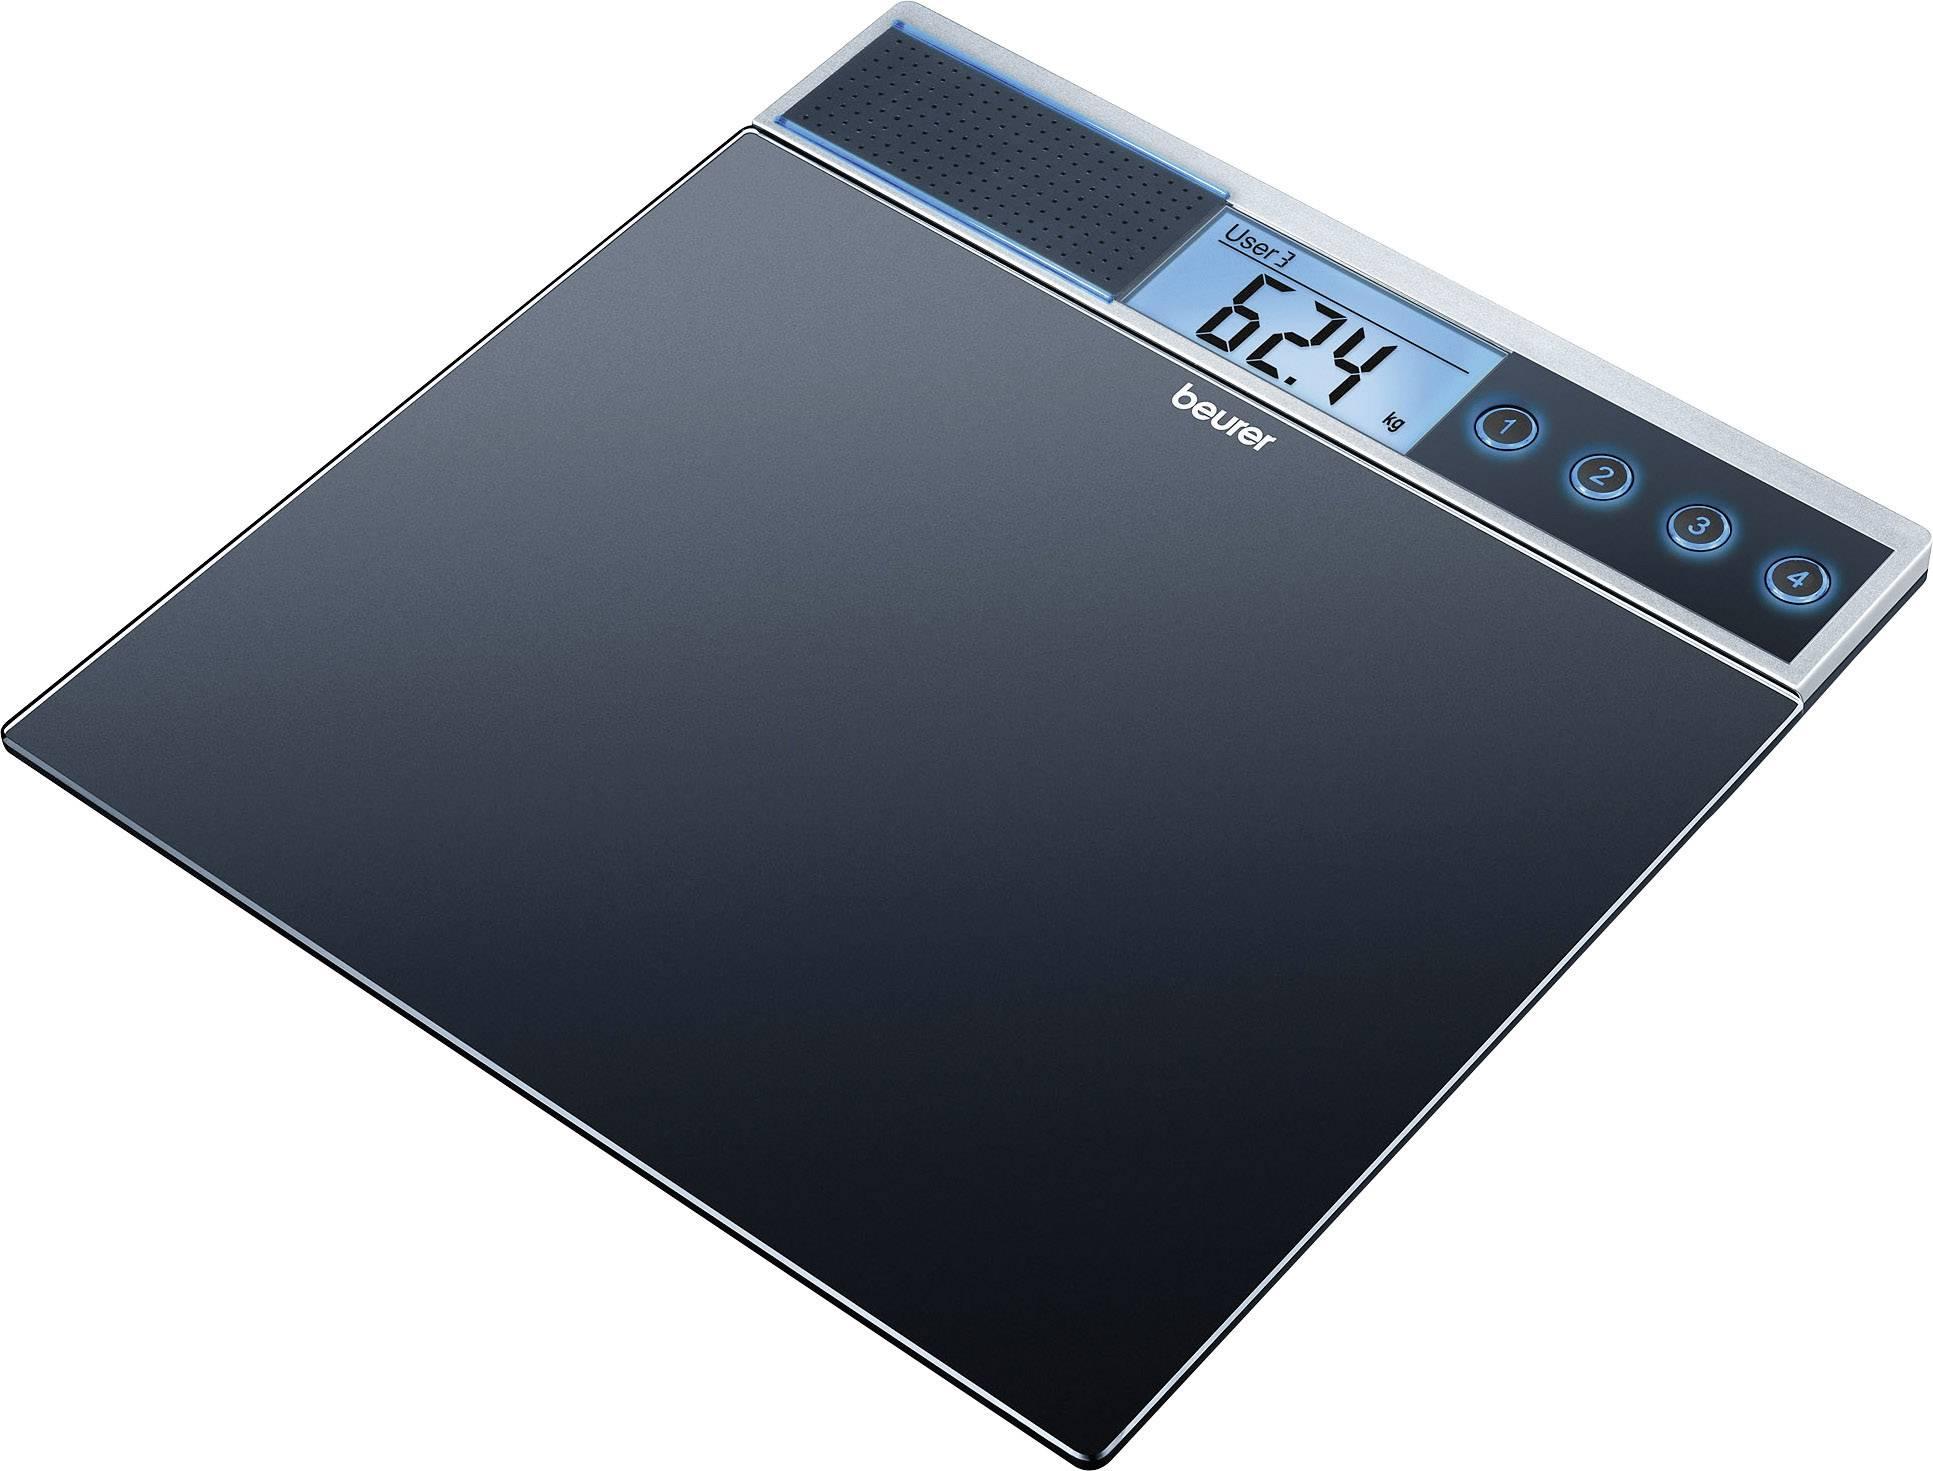 Hovoriaca sklenená váha Beurer GS 39